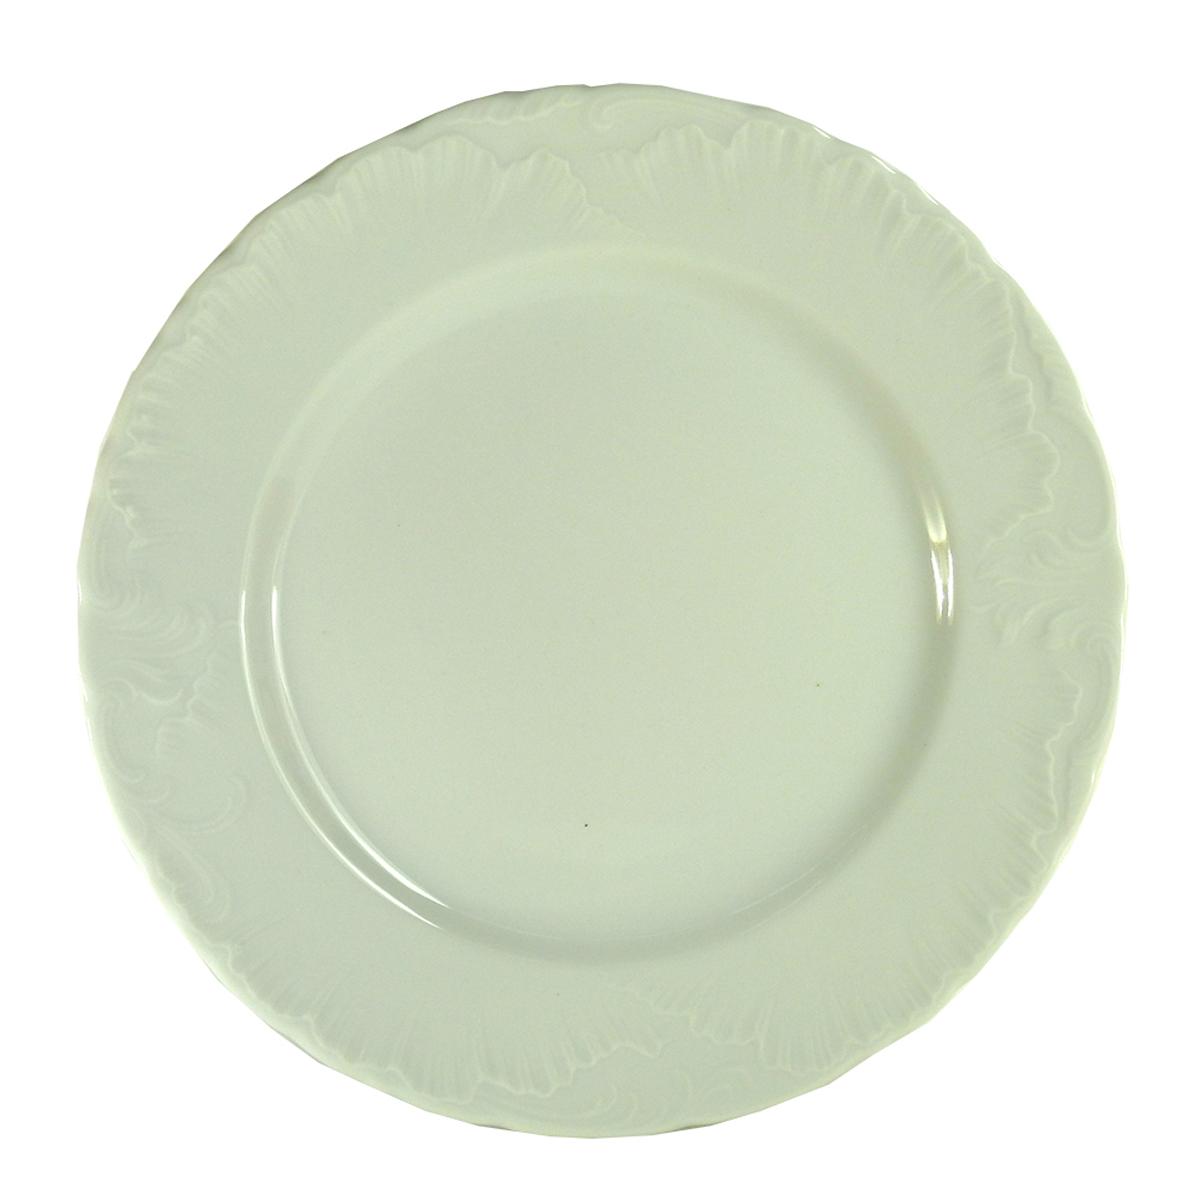 Тарелка мелкая Cmielow Rococo, диаметр 25 см тарелка мелкая идиллия восточный диаметр 20 см